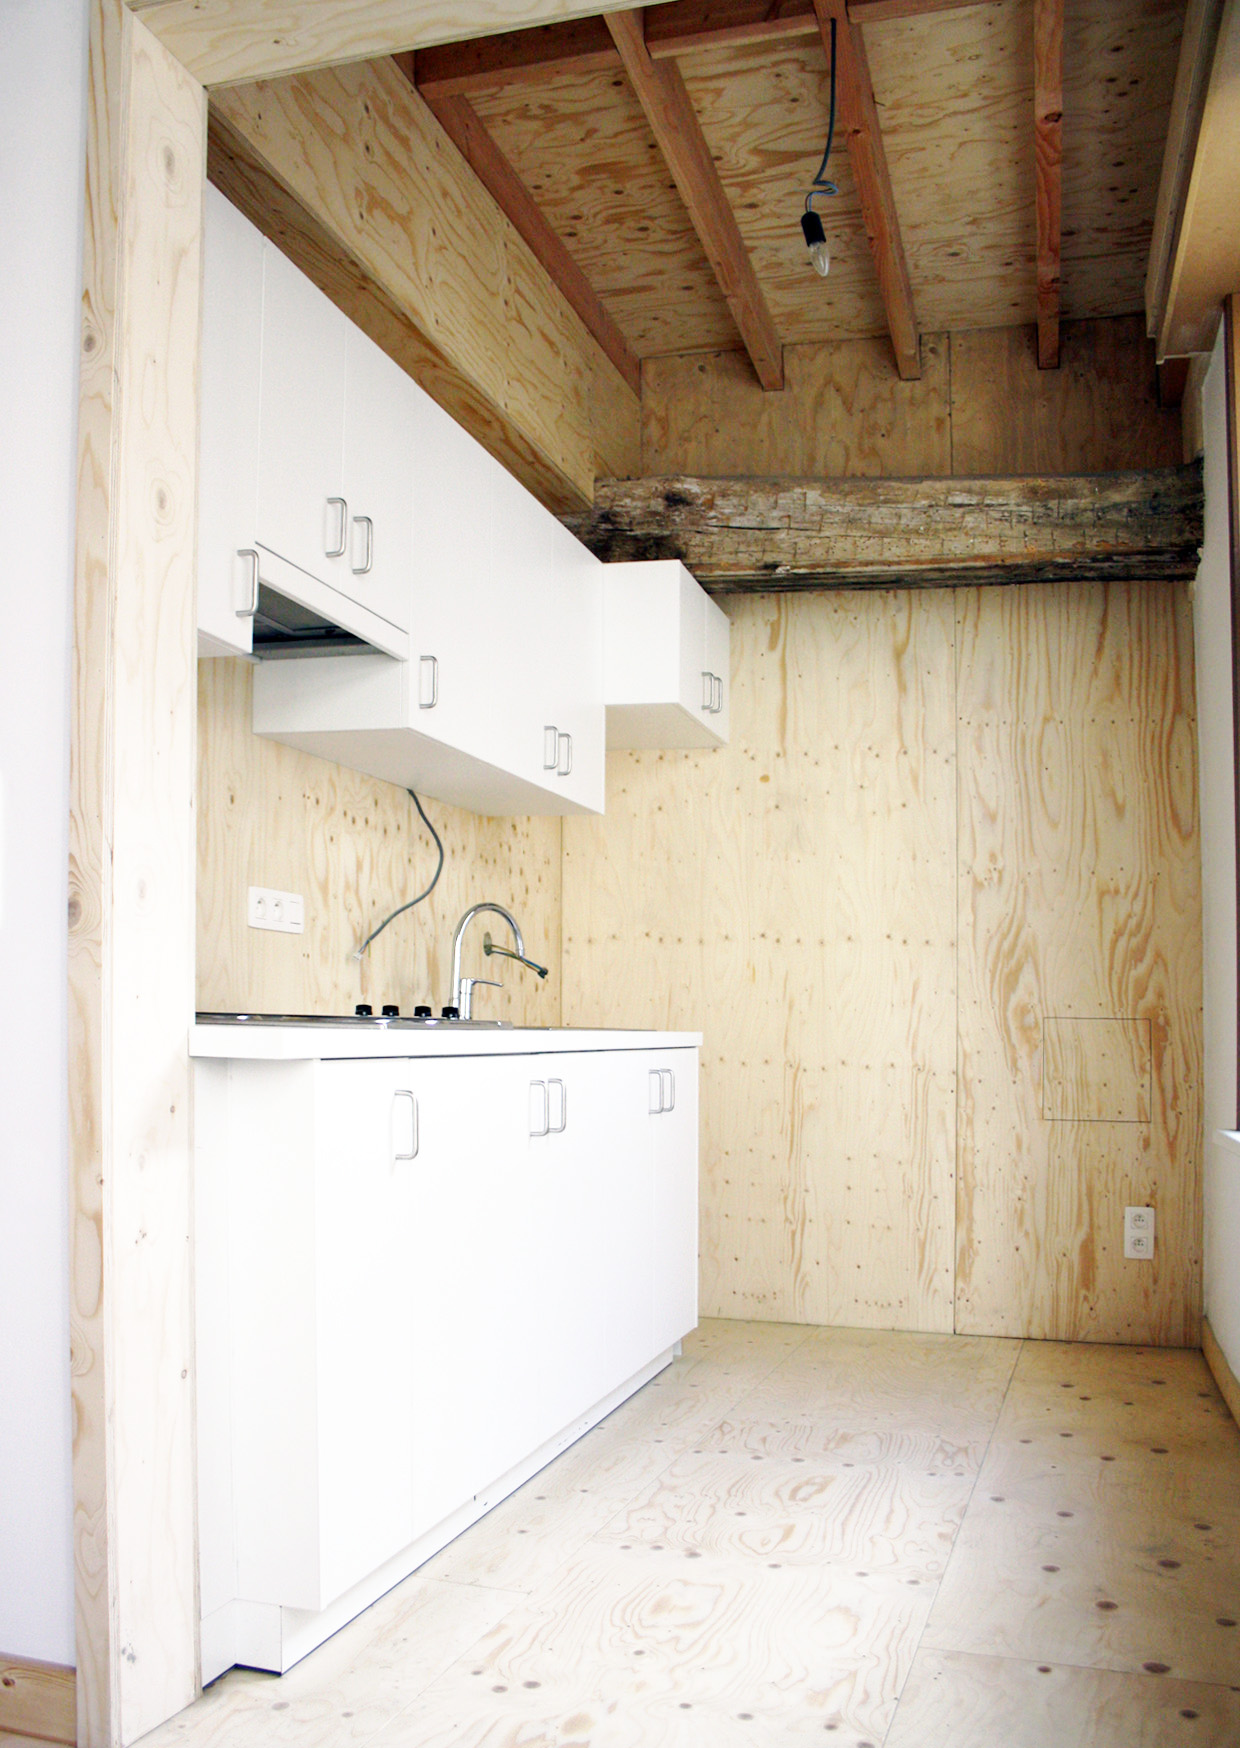 interieur_keuken.jpg